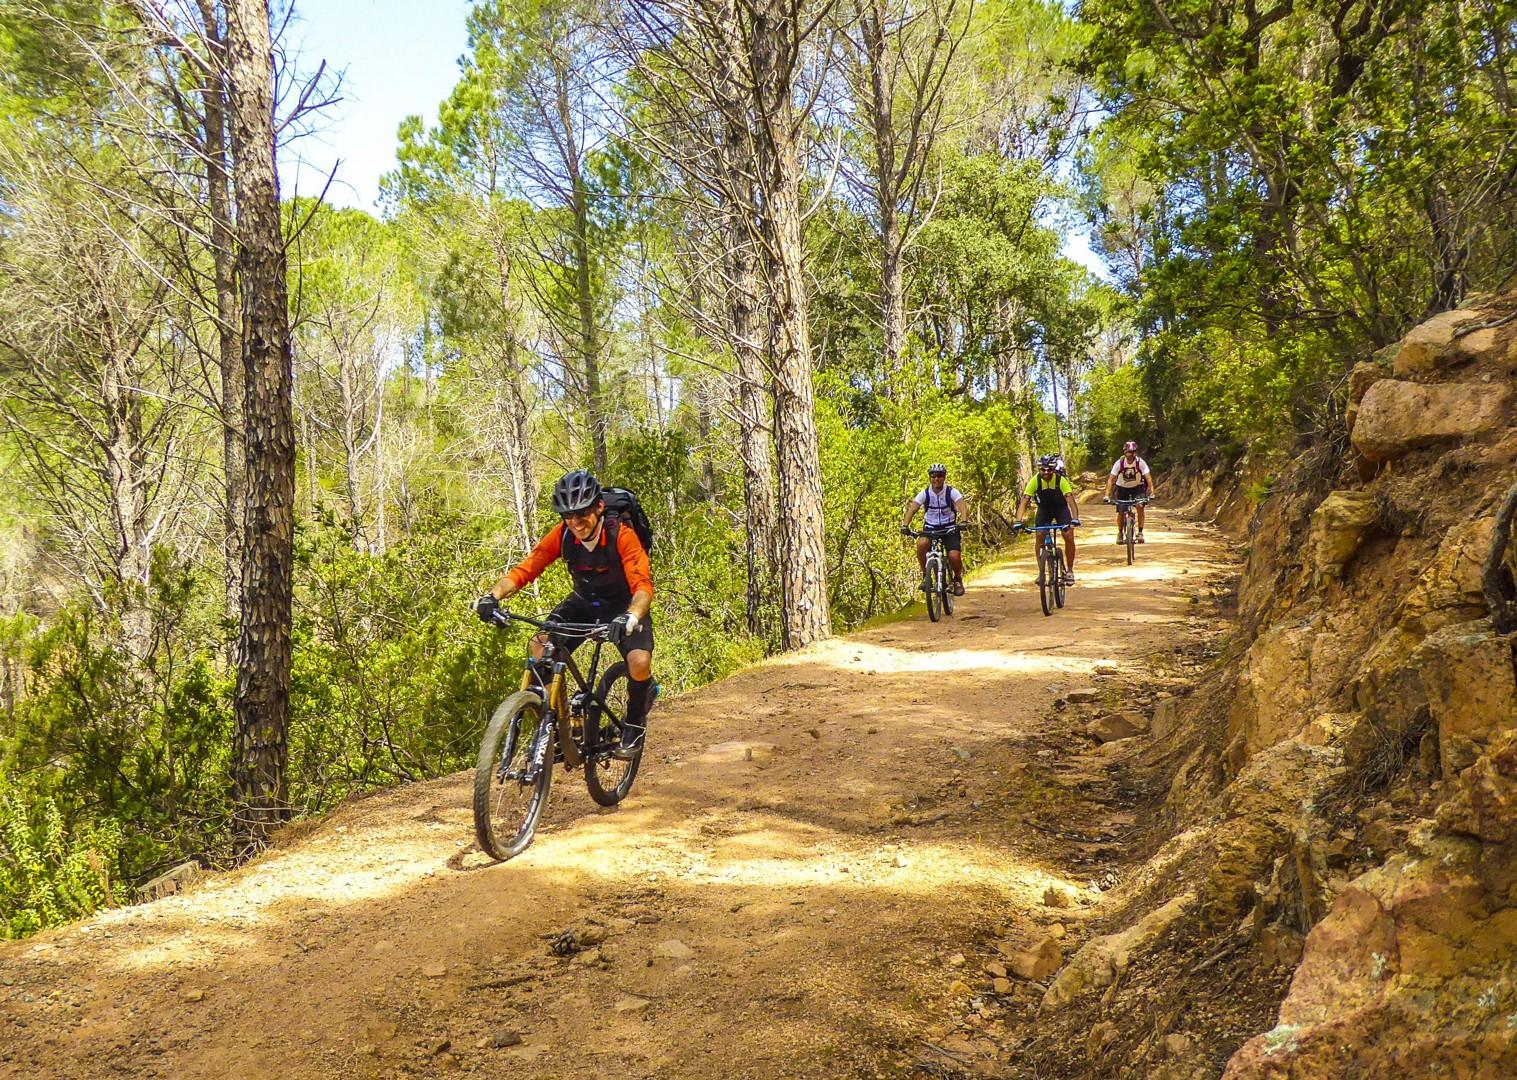 group-fun-mountain-biking-tour-sardinia-italy.jpg - Sardinia - Coast to Coast - Italia Mountain Biking